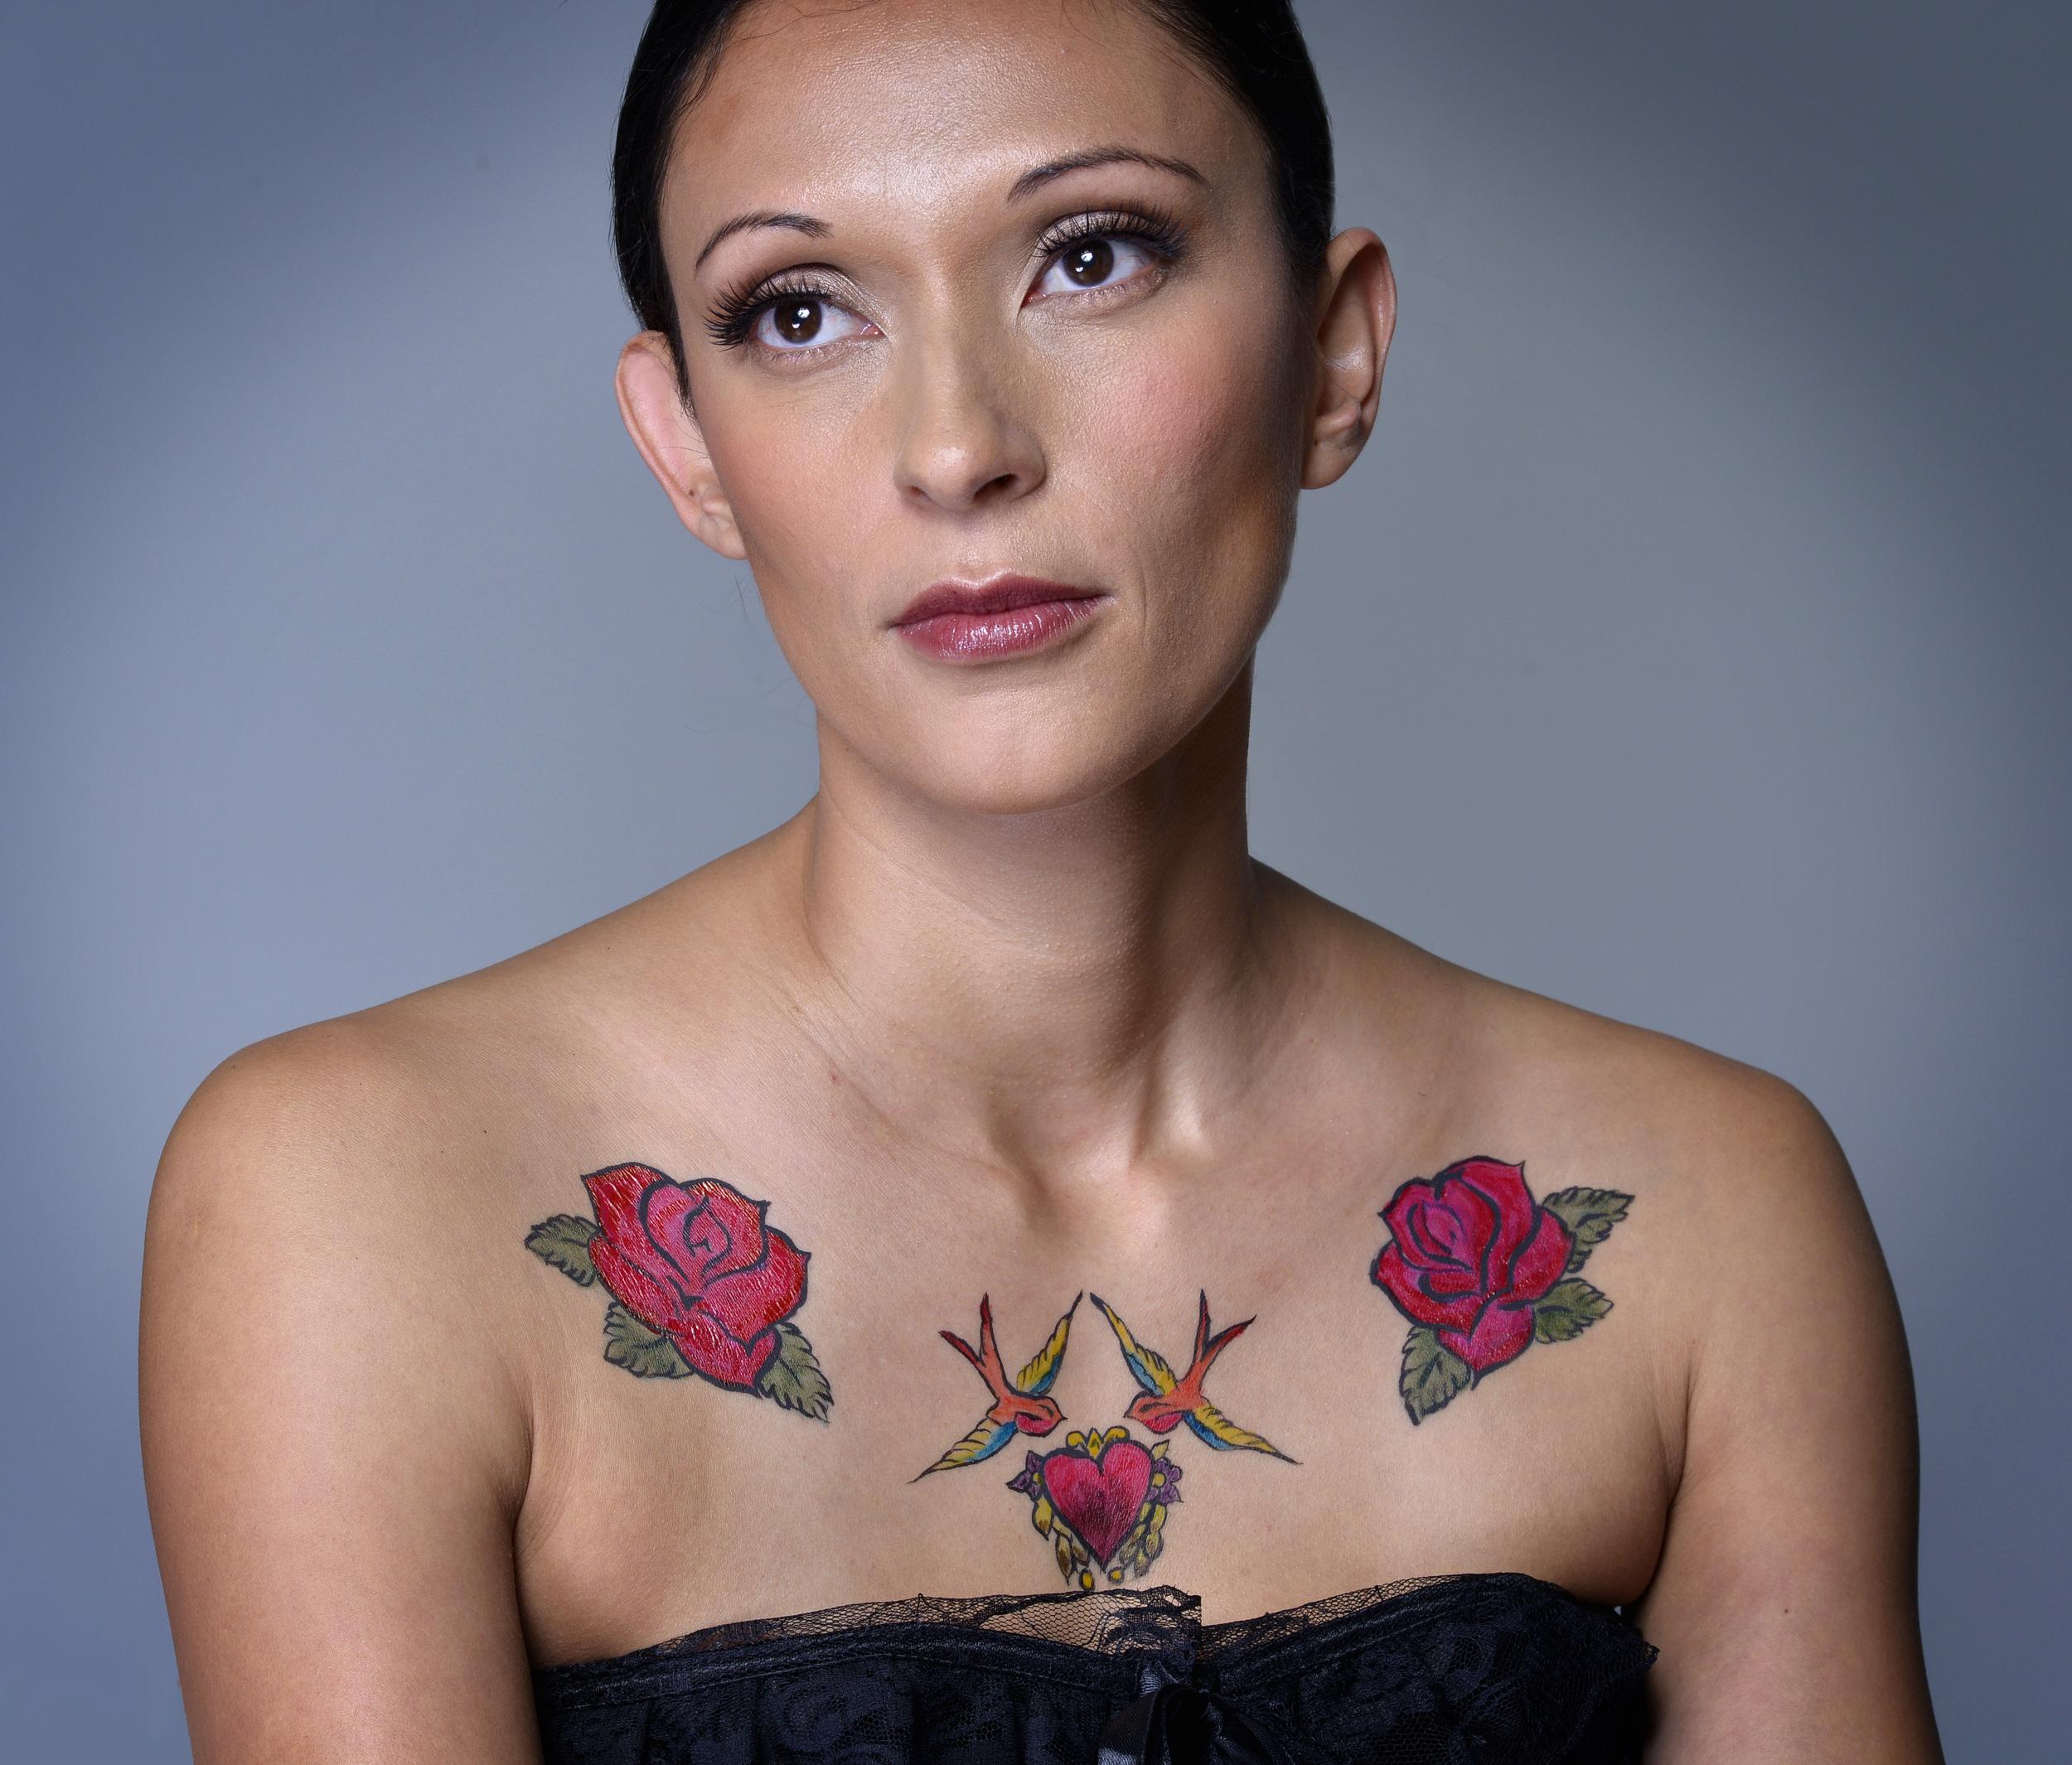 Tattoo Application